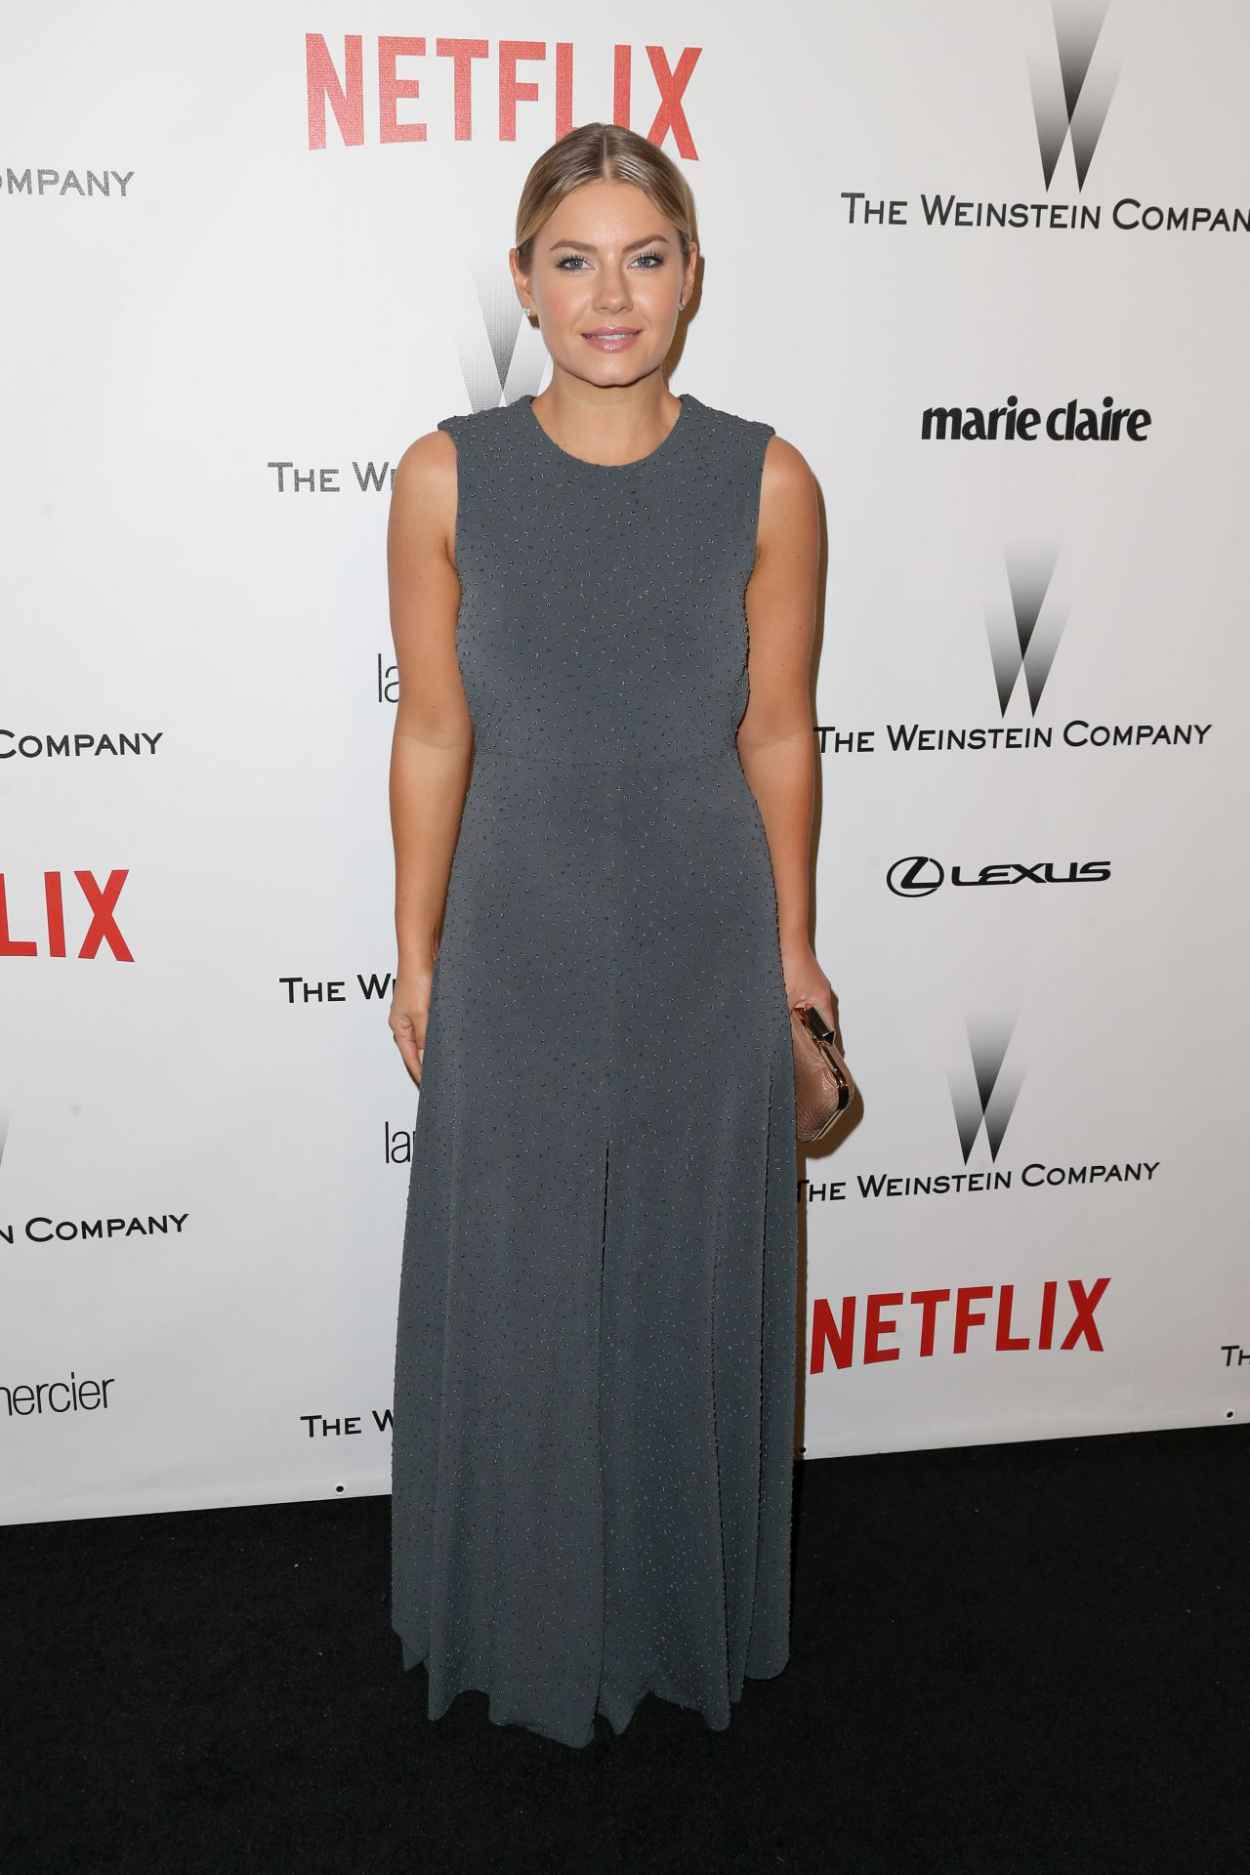 Elisha Cuthbert - The Weinstein Company & Netflixs 2015 Golden Globes Party-3